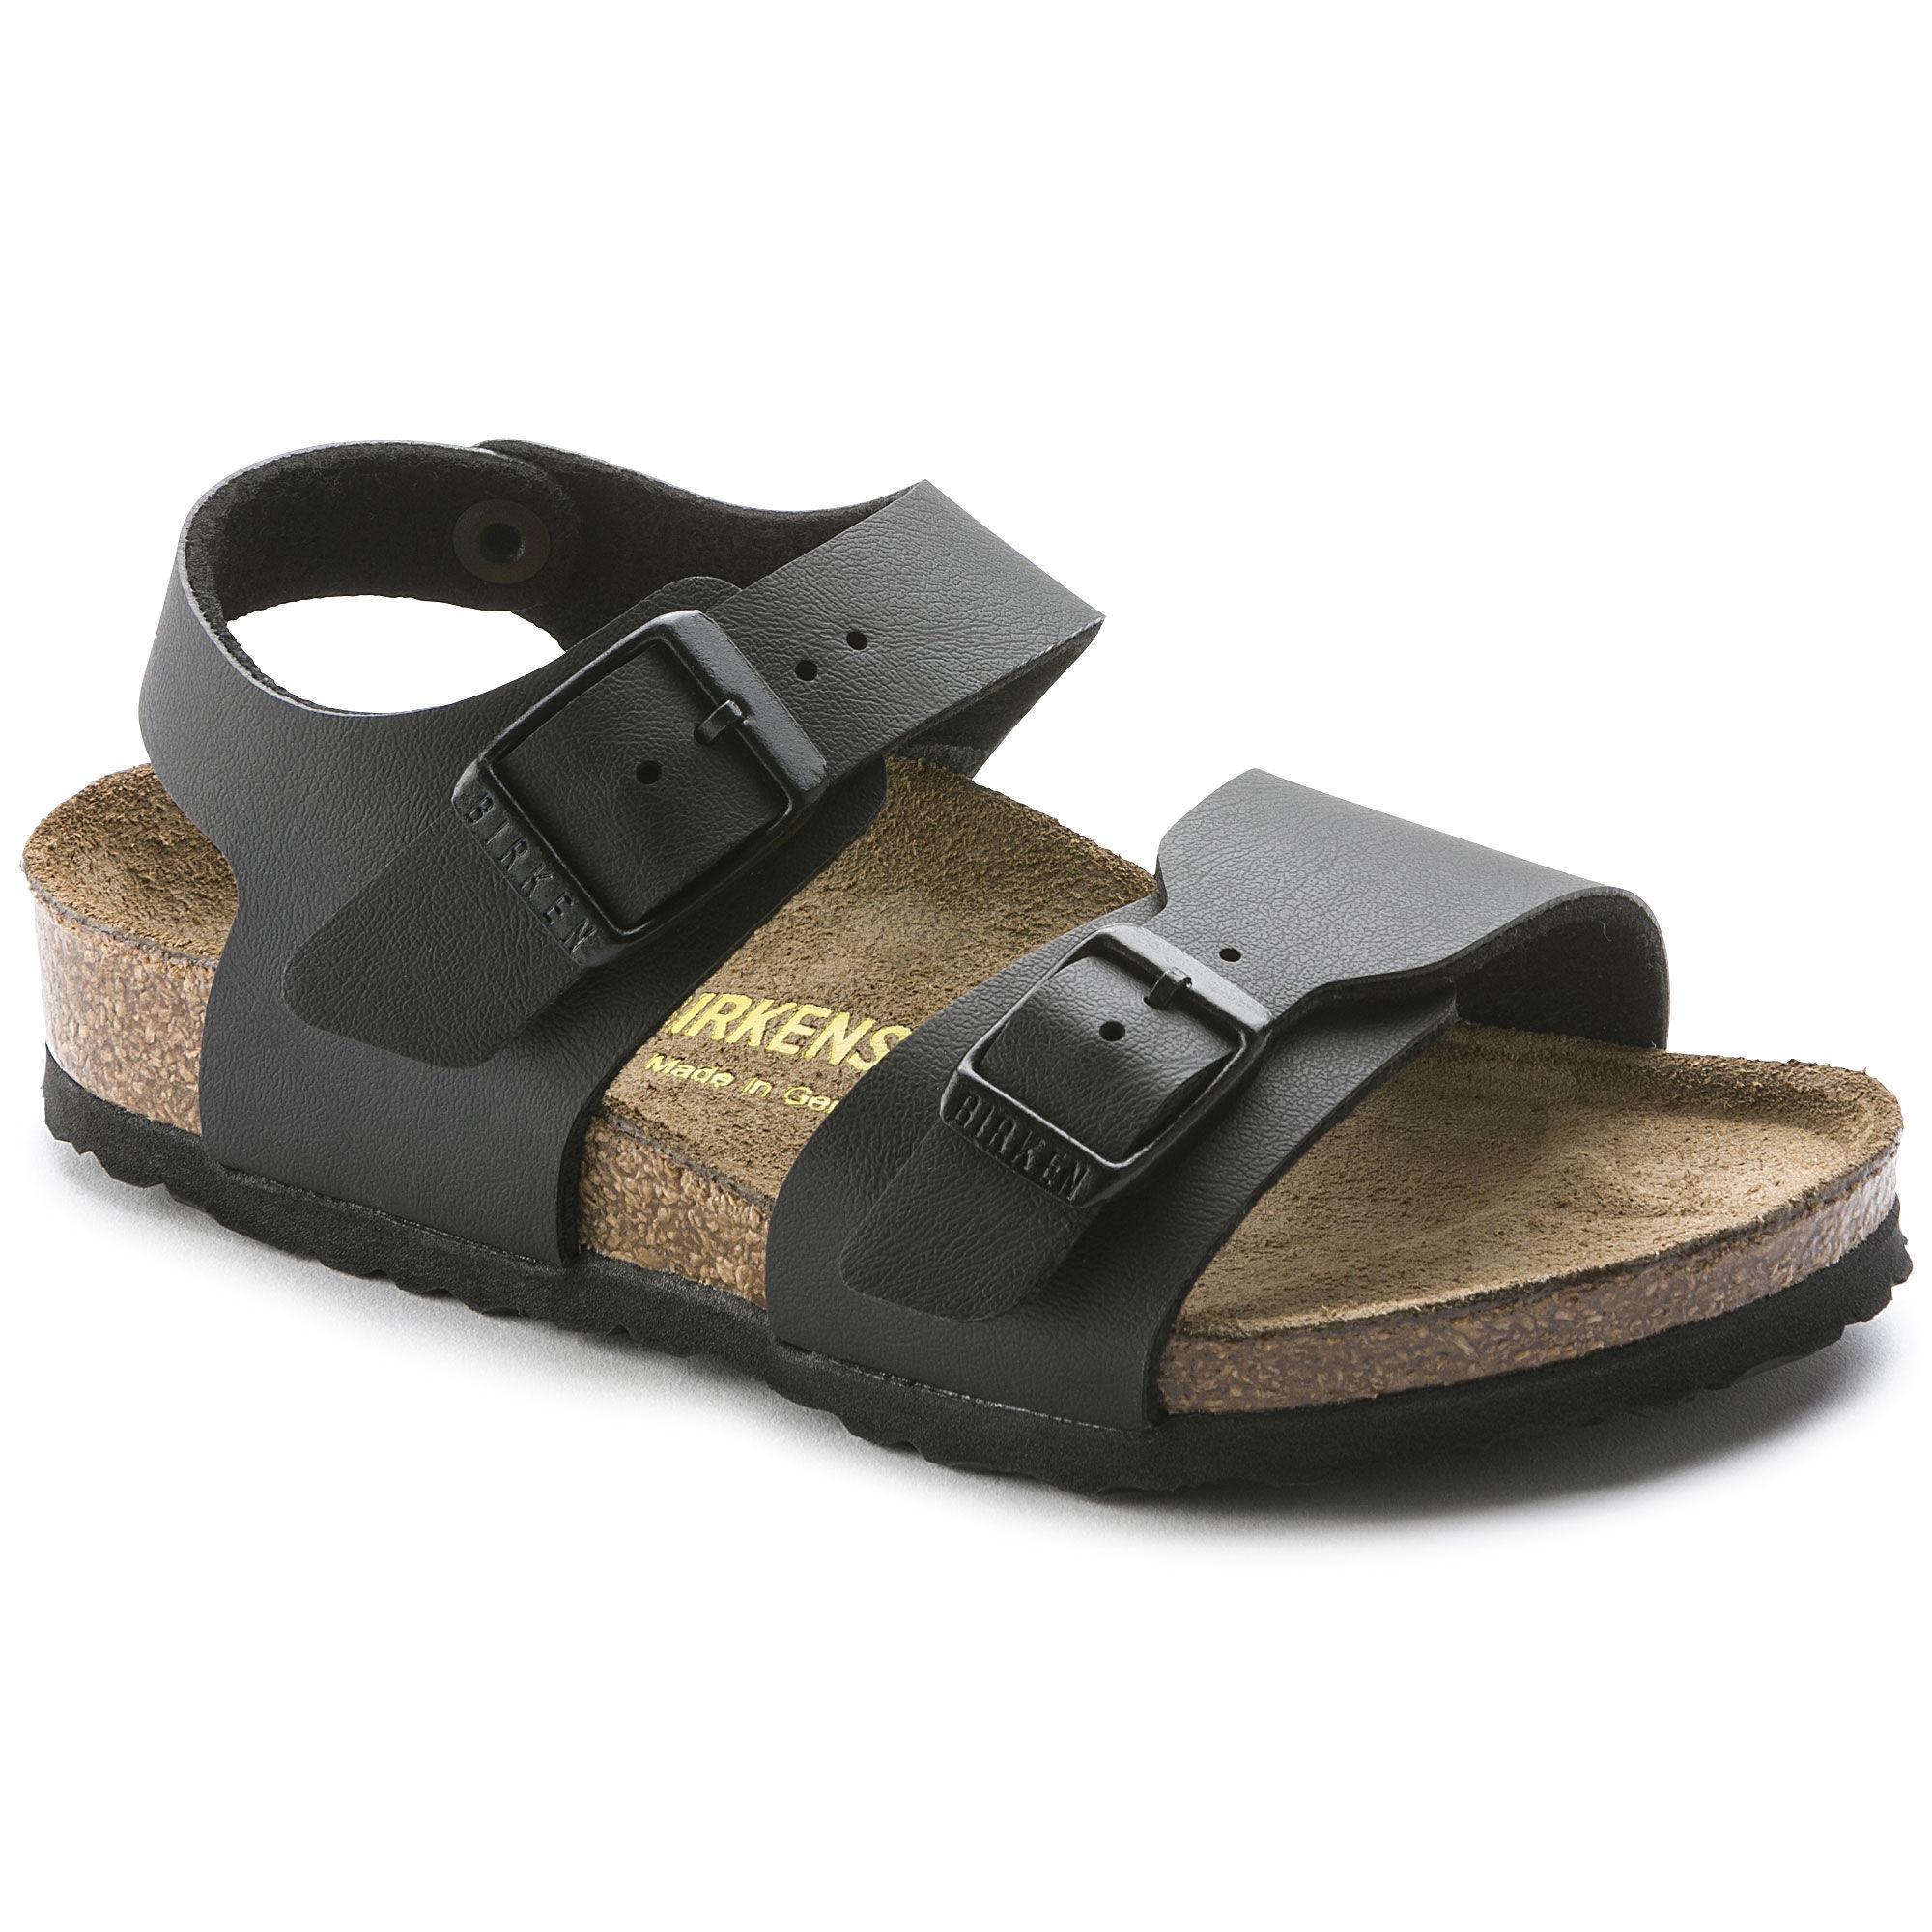 Sandalen en Slippers | online kopen bij BIRKENSTOCK